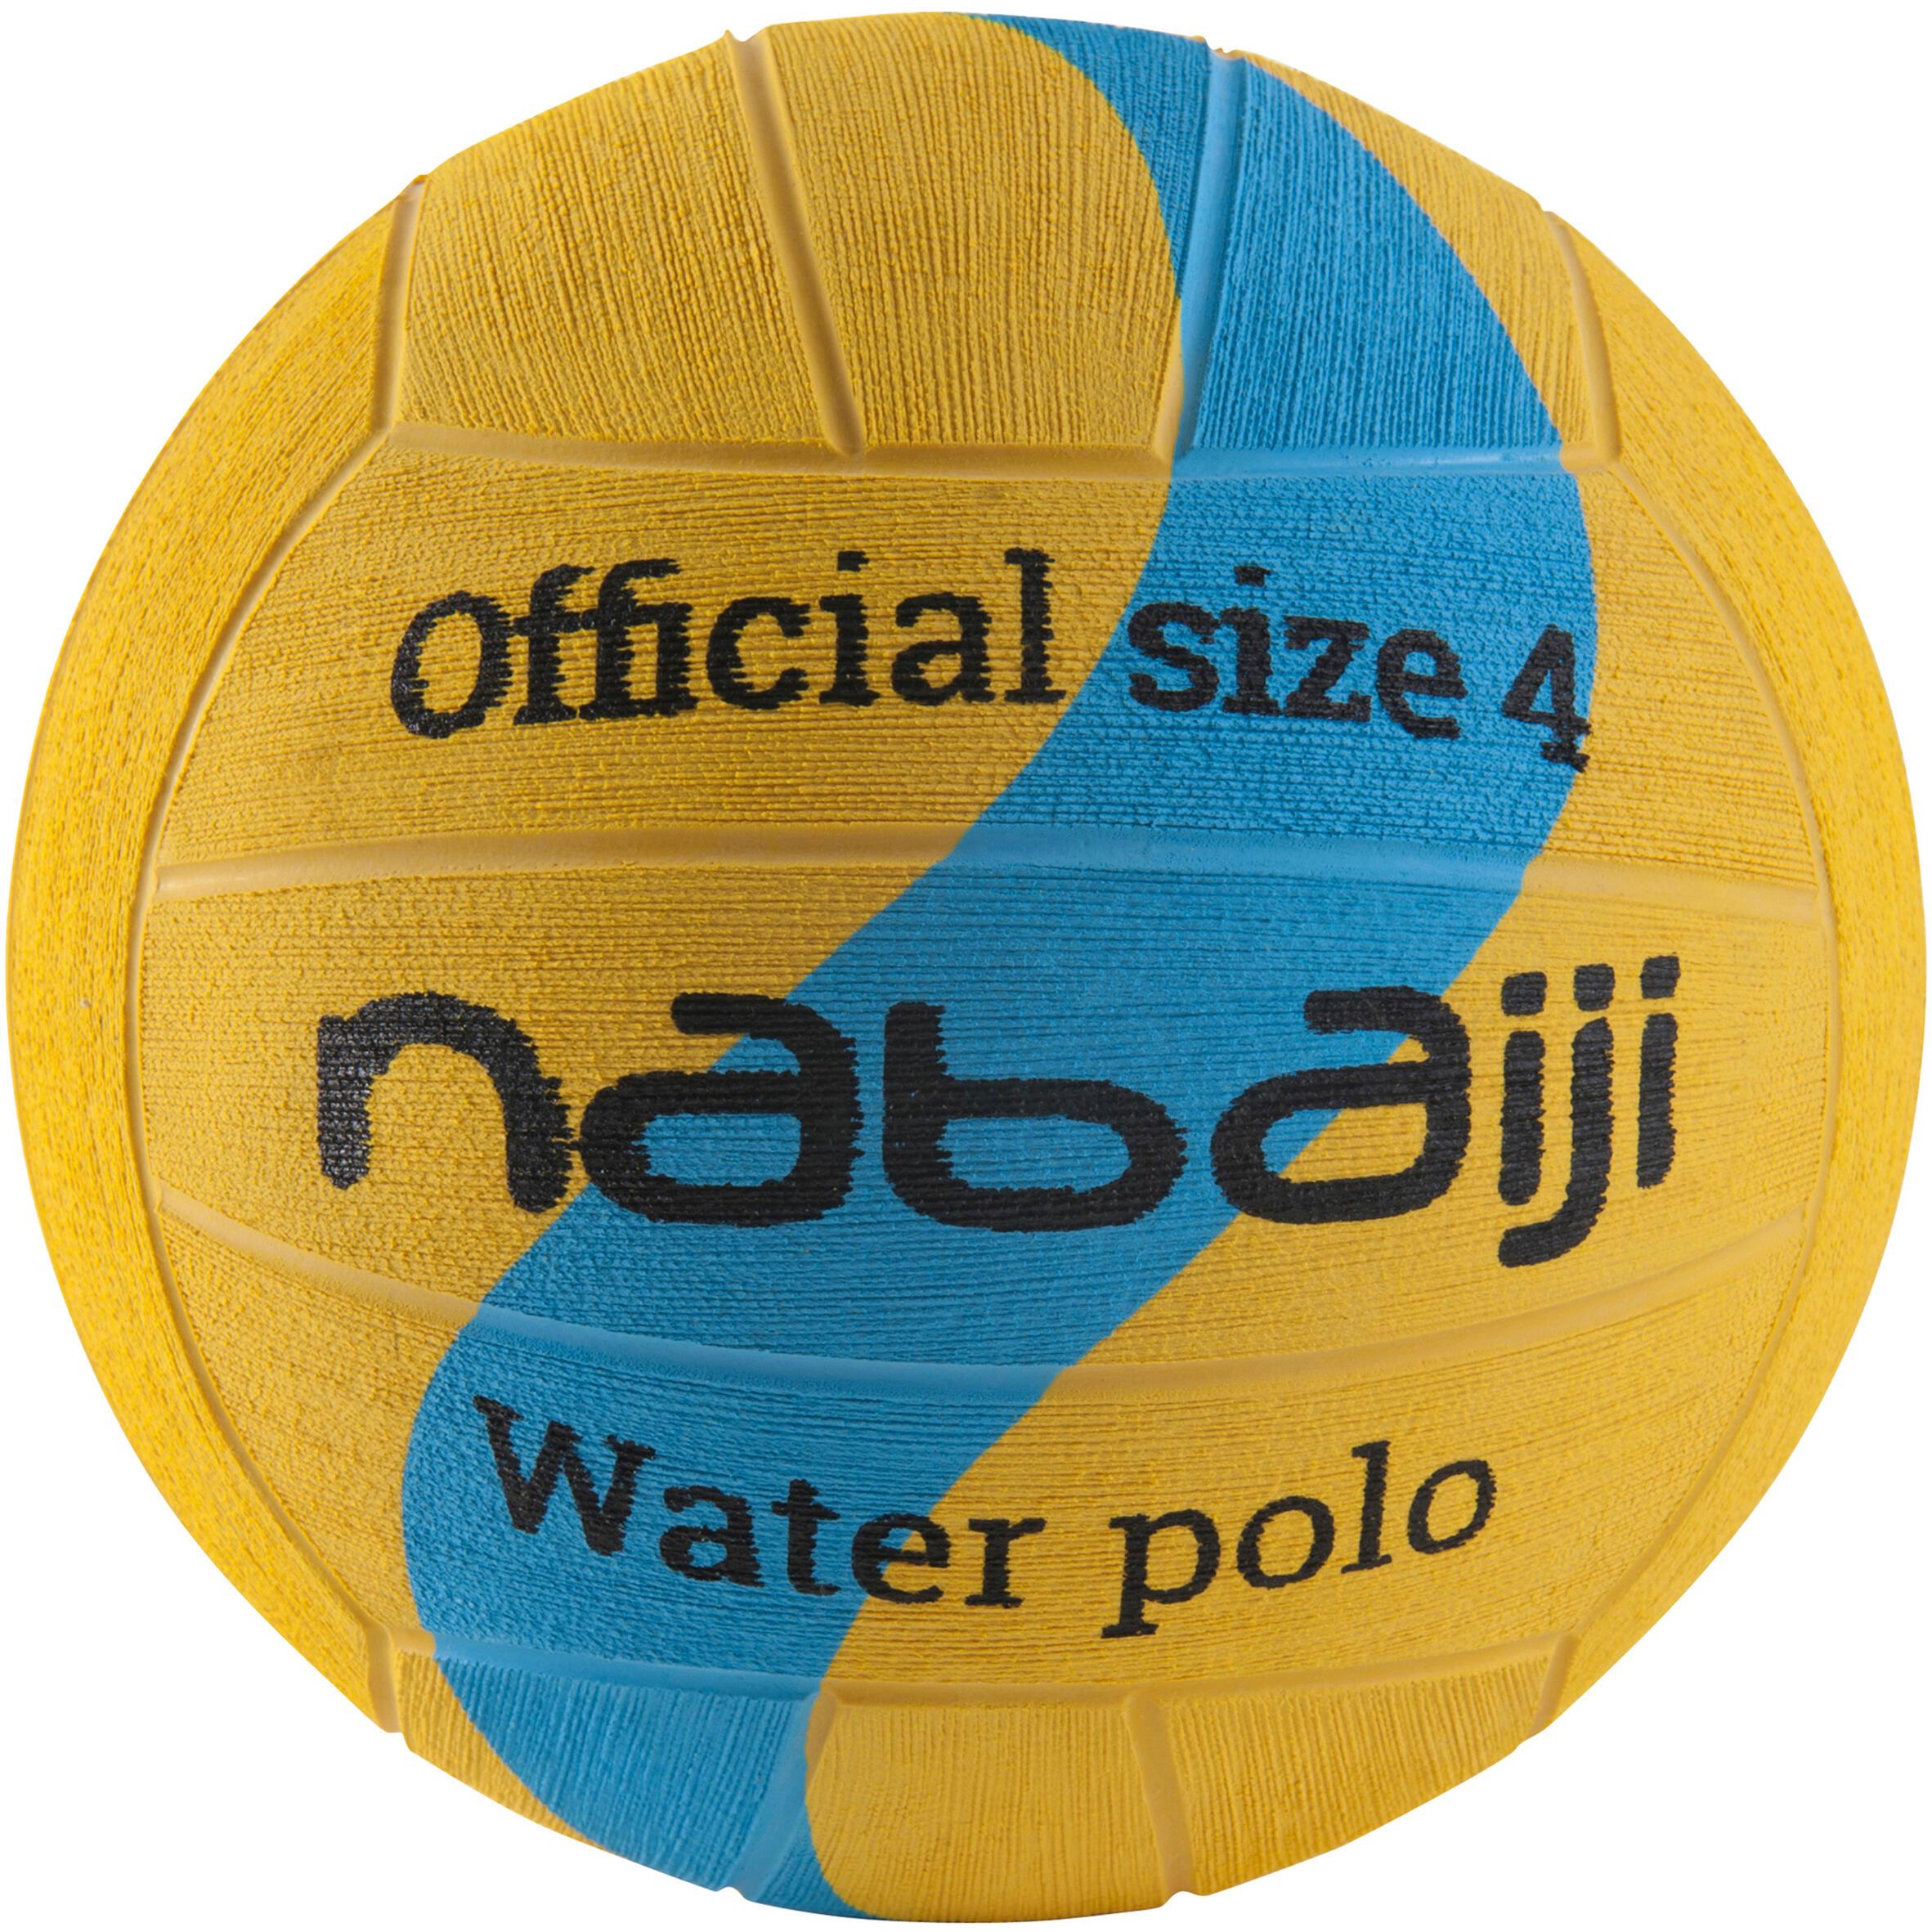 Damen,Jungen,Kinder Wasserball Water Polo 4blau | 03583788287759